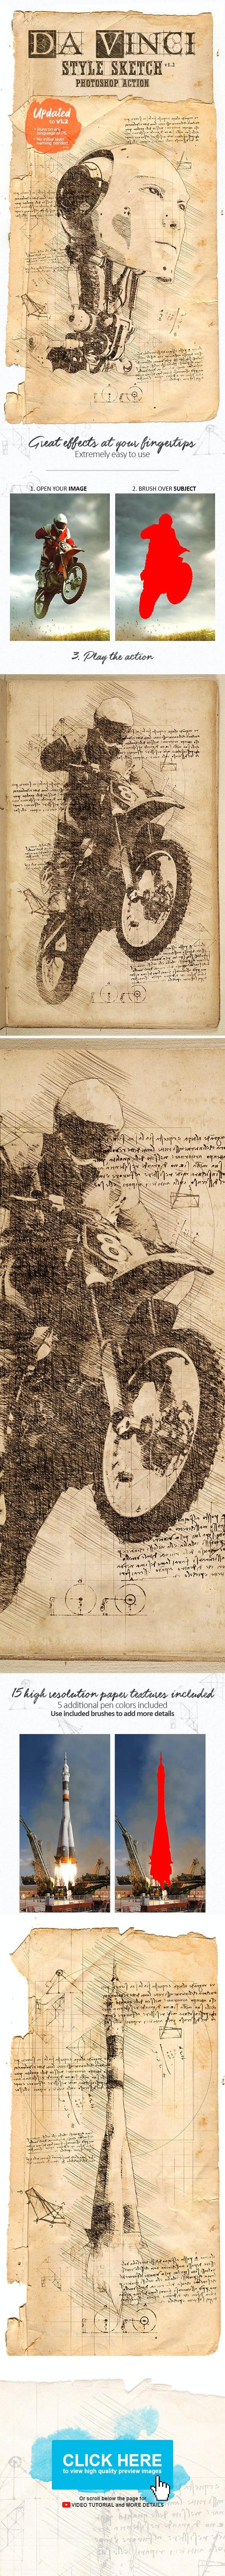 Da Vinci Sketch Photoshop Action - Photo Effects Actions